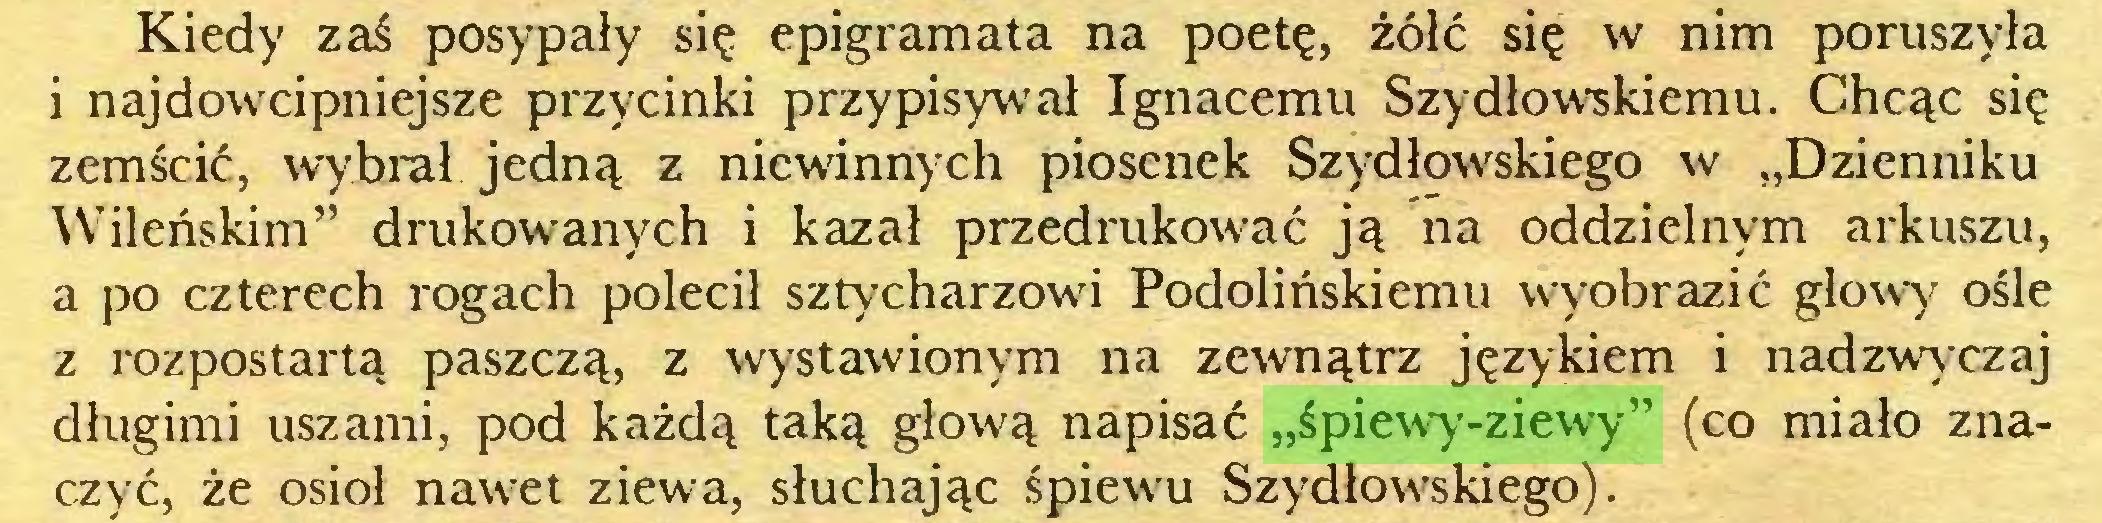 """(...) Kiedy zaś posypały się epigramata na poetę, żółć się w nim poruszyła i najdowcipniejsze przycinki przypisywał Ignacemu Szydłowskiemu. Chcąc się zemścić, wybrał jedną z niewinnych piosenek Szydłowskiego w """"Dzienniku Wileńskim"""" drukowanych i kazał przedrukować ją na oddzielnym arkuszu, a po czterech rogach polecił sztycharzowu Podolińskiemu wyobrazić głowy ośle z rozpostartą paszczą, z wystawionym na zewnątrz językiem i nadzwyczaj długimi uszami, pod każdą taką głową napisać """"śpiewy-ziewy"""" (co miało znaczyć, że osioł nawet ziewa, słuchając śpiewu Szydłowskiego)..."""